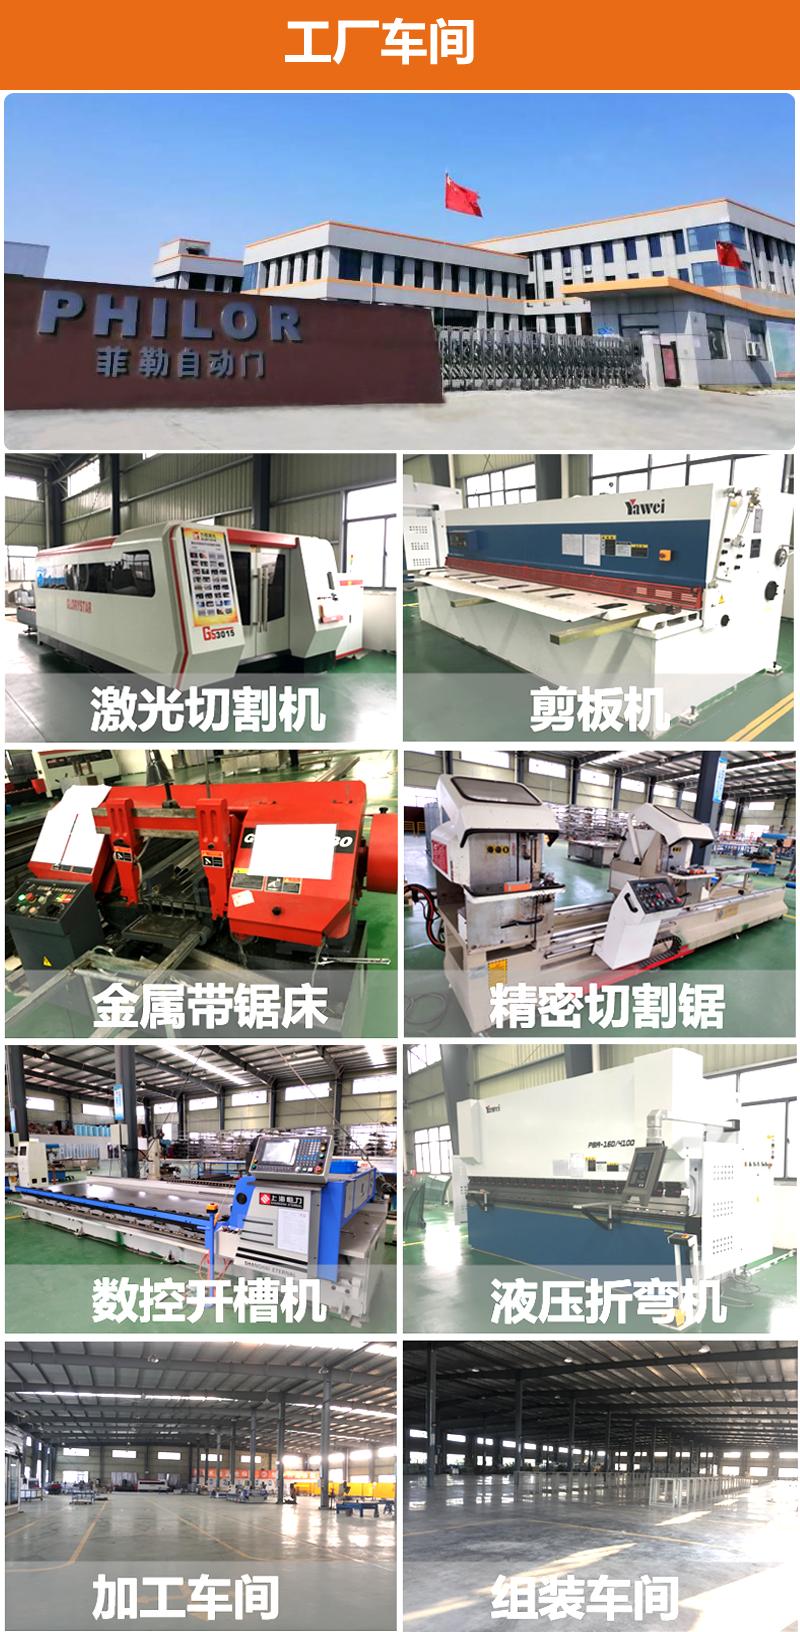 广州不锈钢感应门厂家介绍